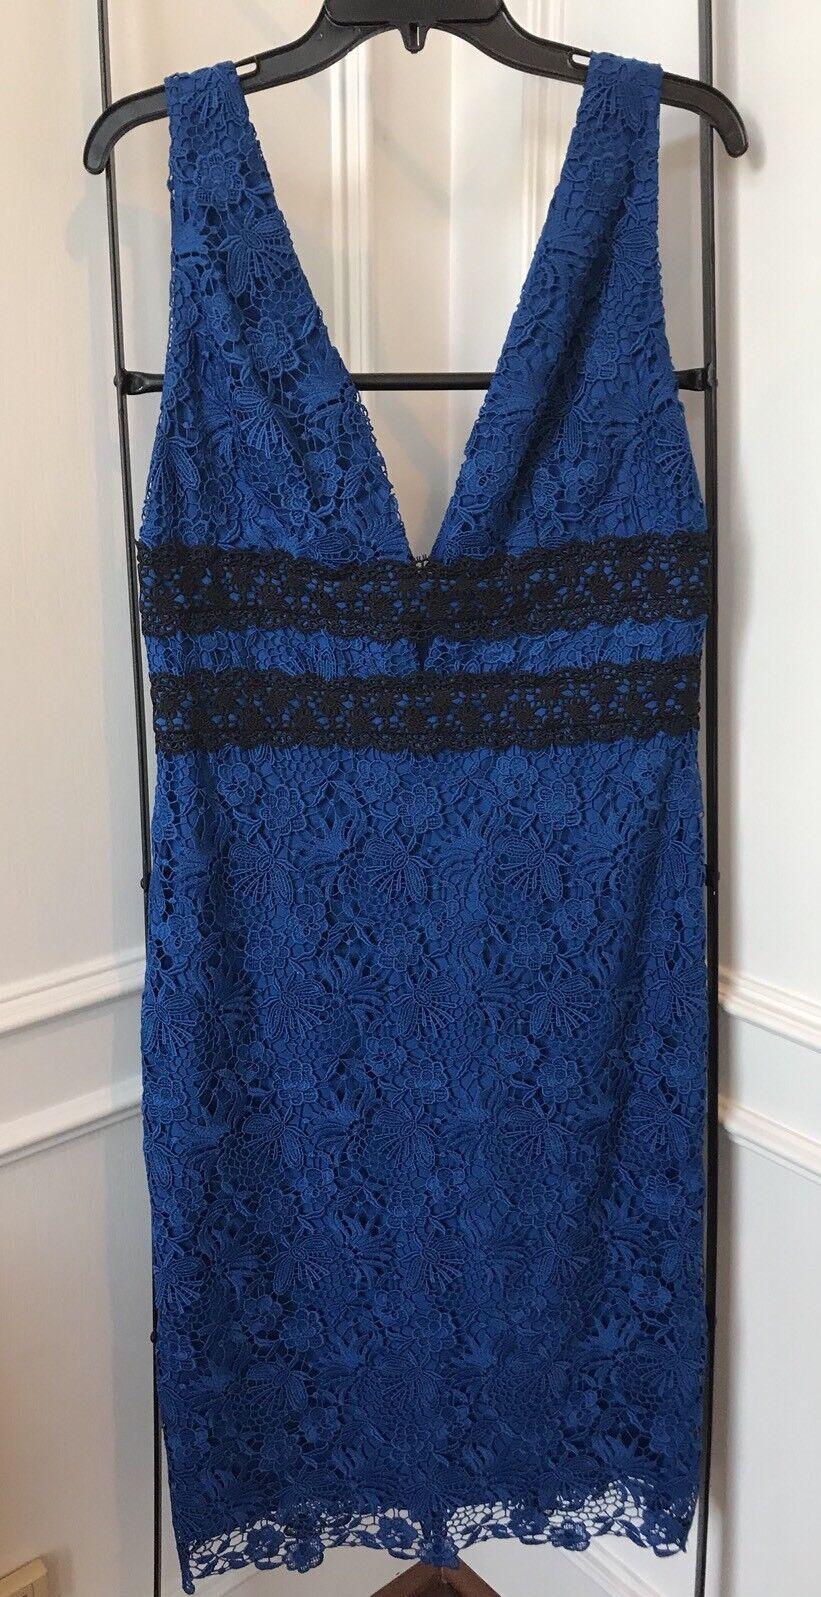 84% Off NWT DVF Diane Von Furstenberg Viera Neptune bluee bluee bluee Lace Dress Size 10  498 44dcc0